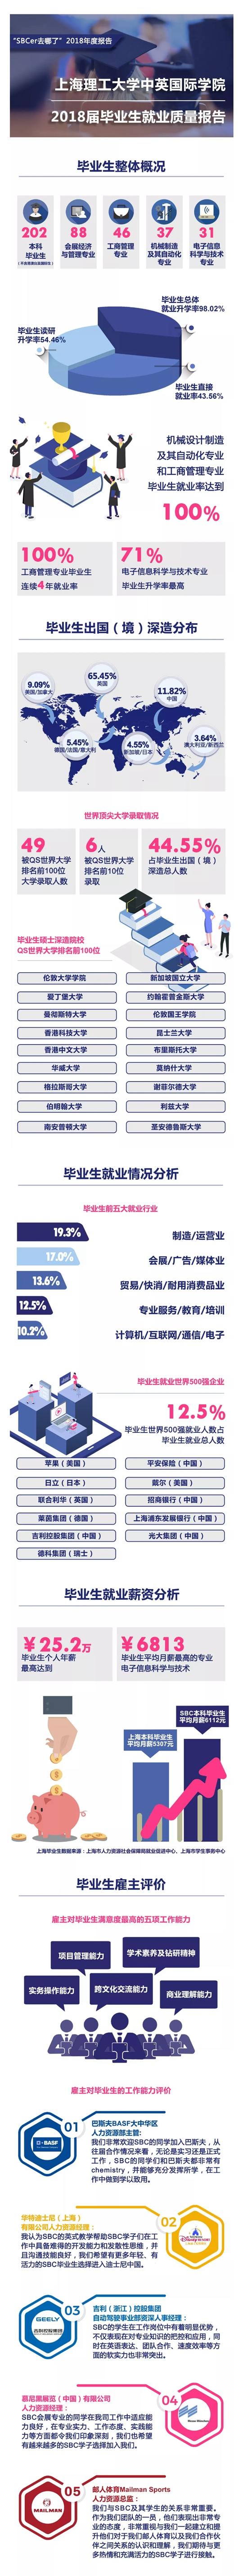 上海理工大学中英国际学院正式发布2018届本科毕业生就业质量报告